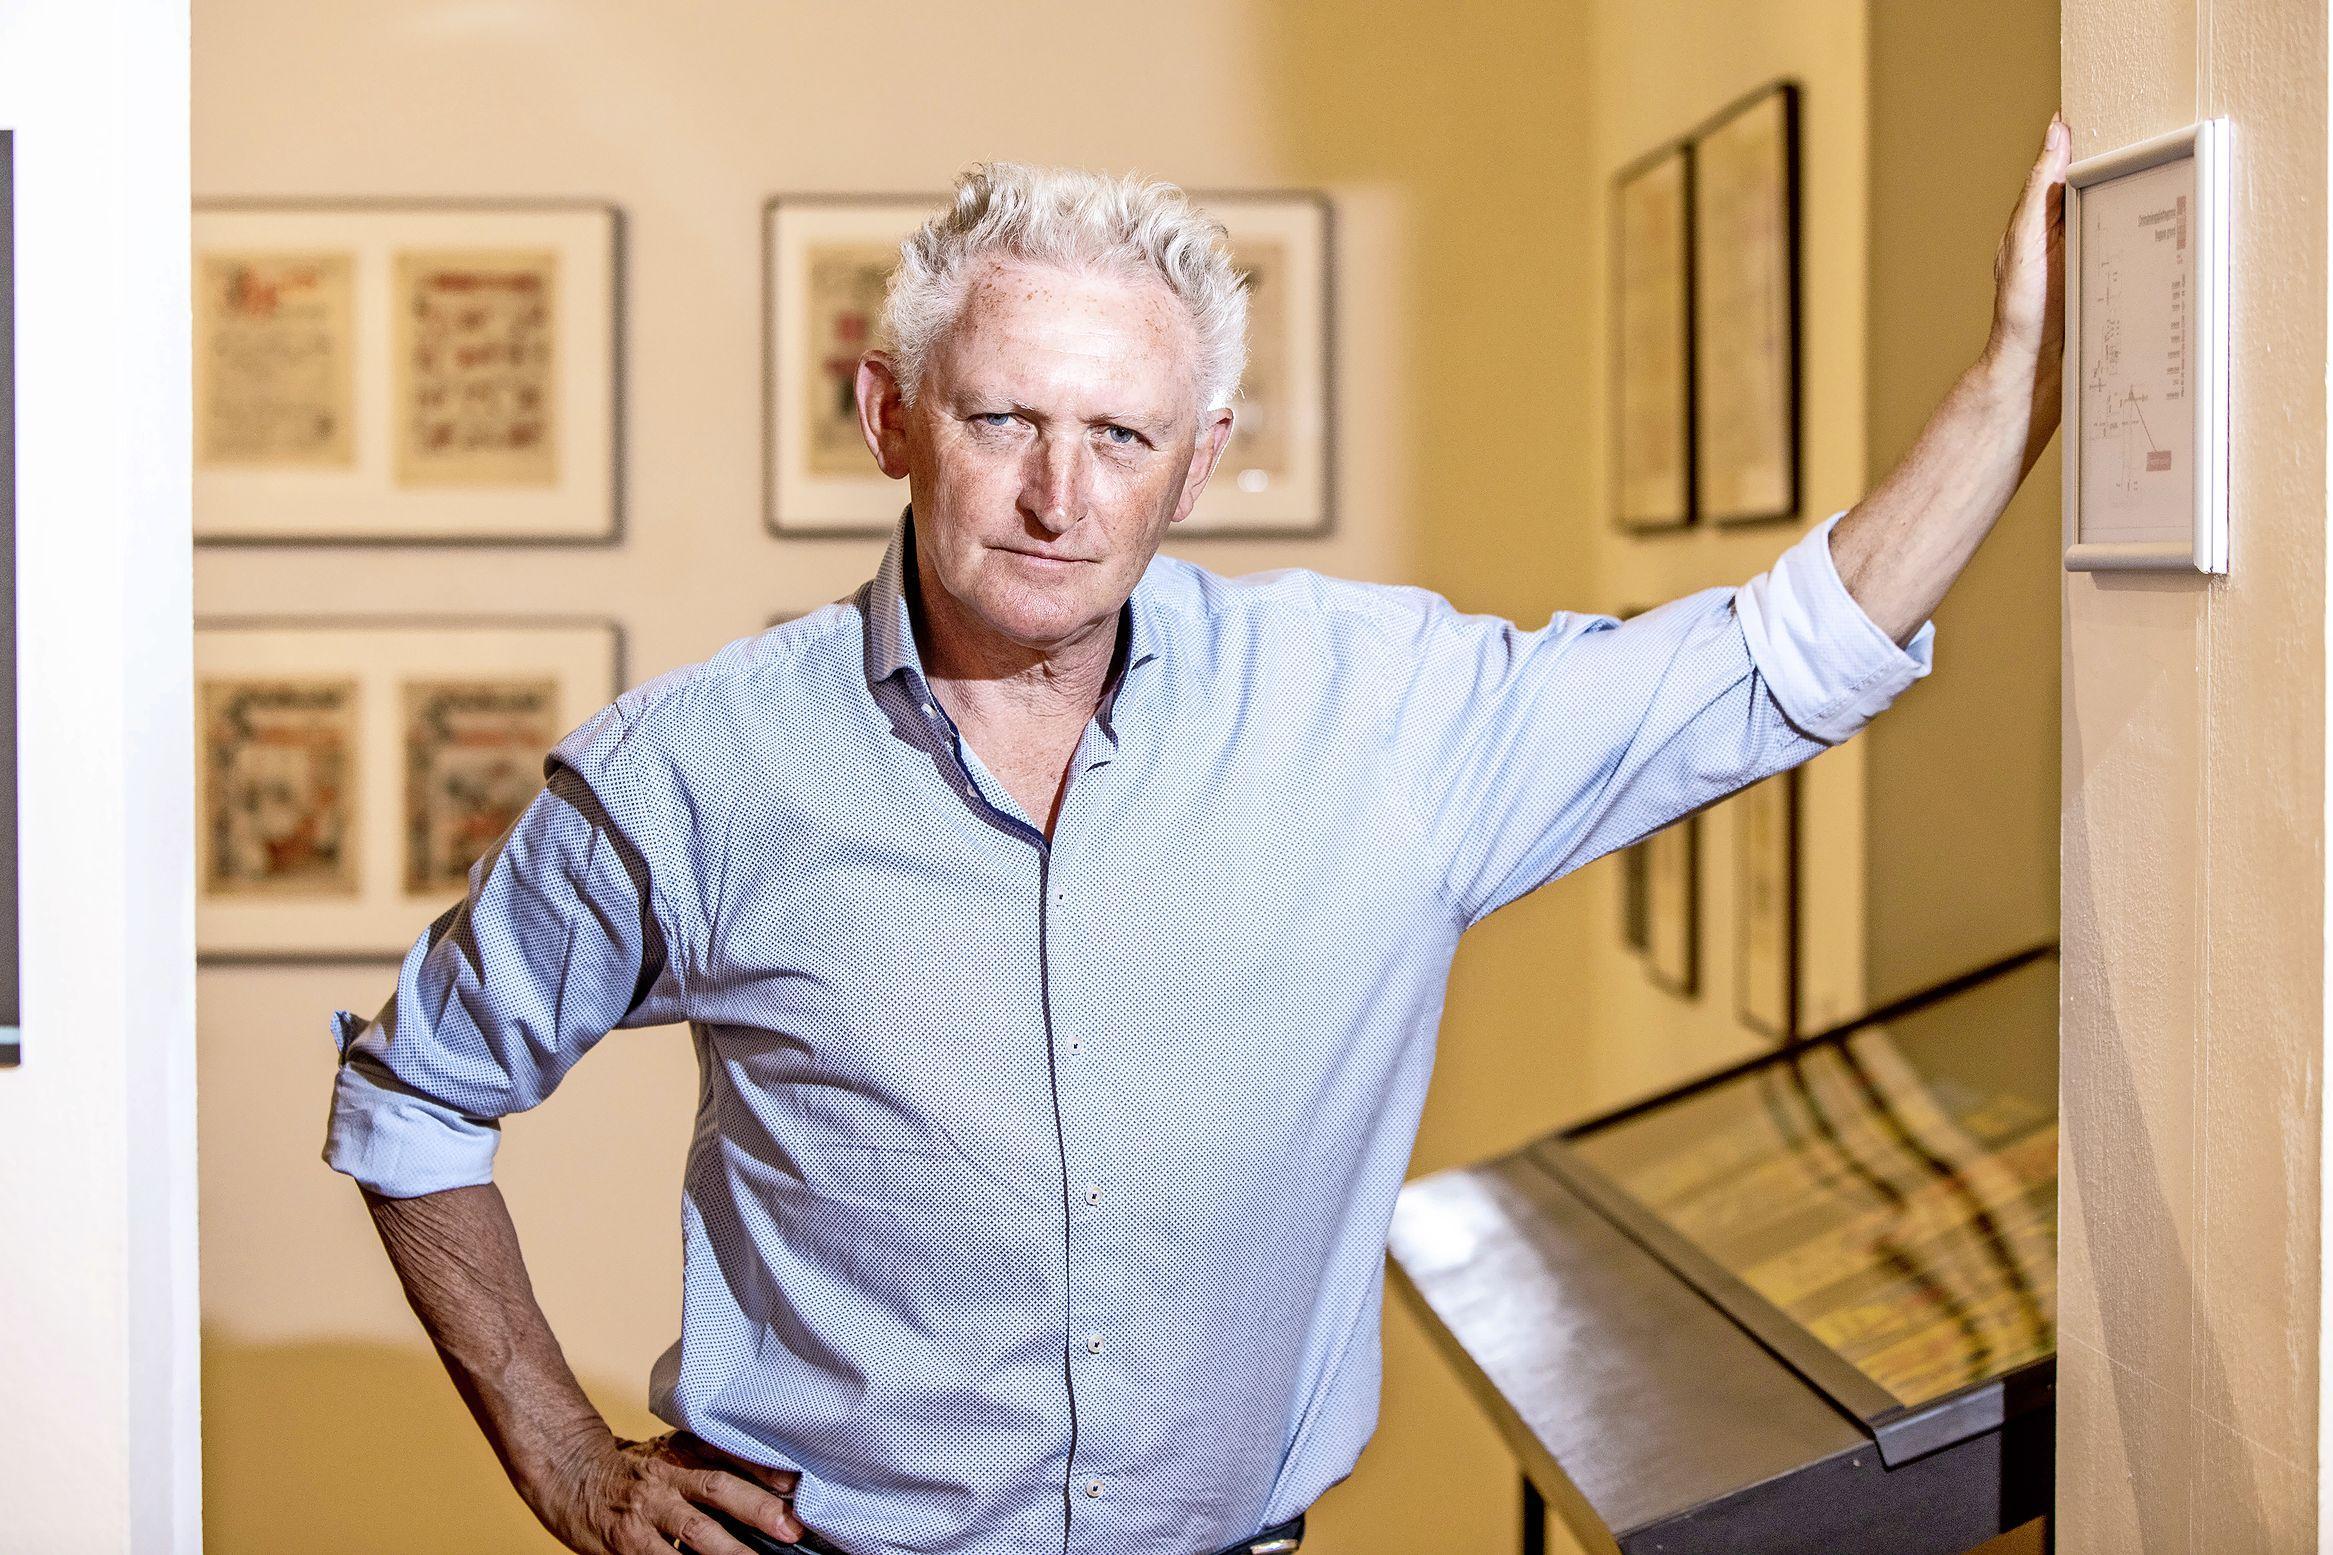 Puntige reisverhalen vol literatuur en zelfspot van Joost Pollmann. 'Schoonheid vind je vaak op de minst voor de hand liggende plekken'